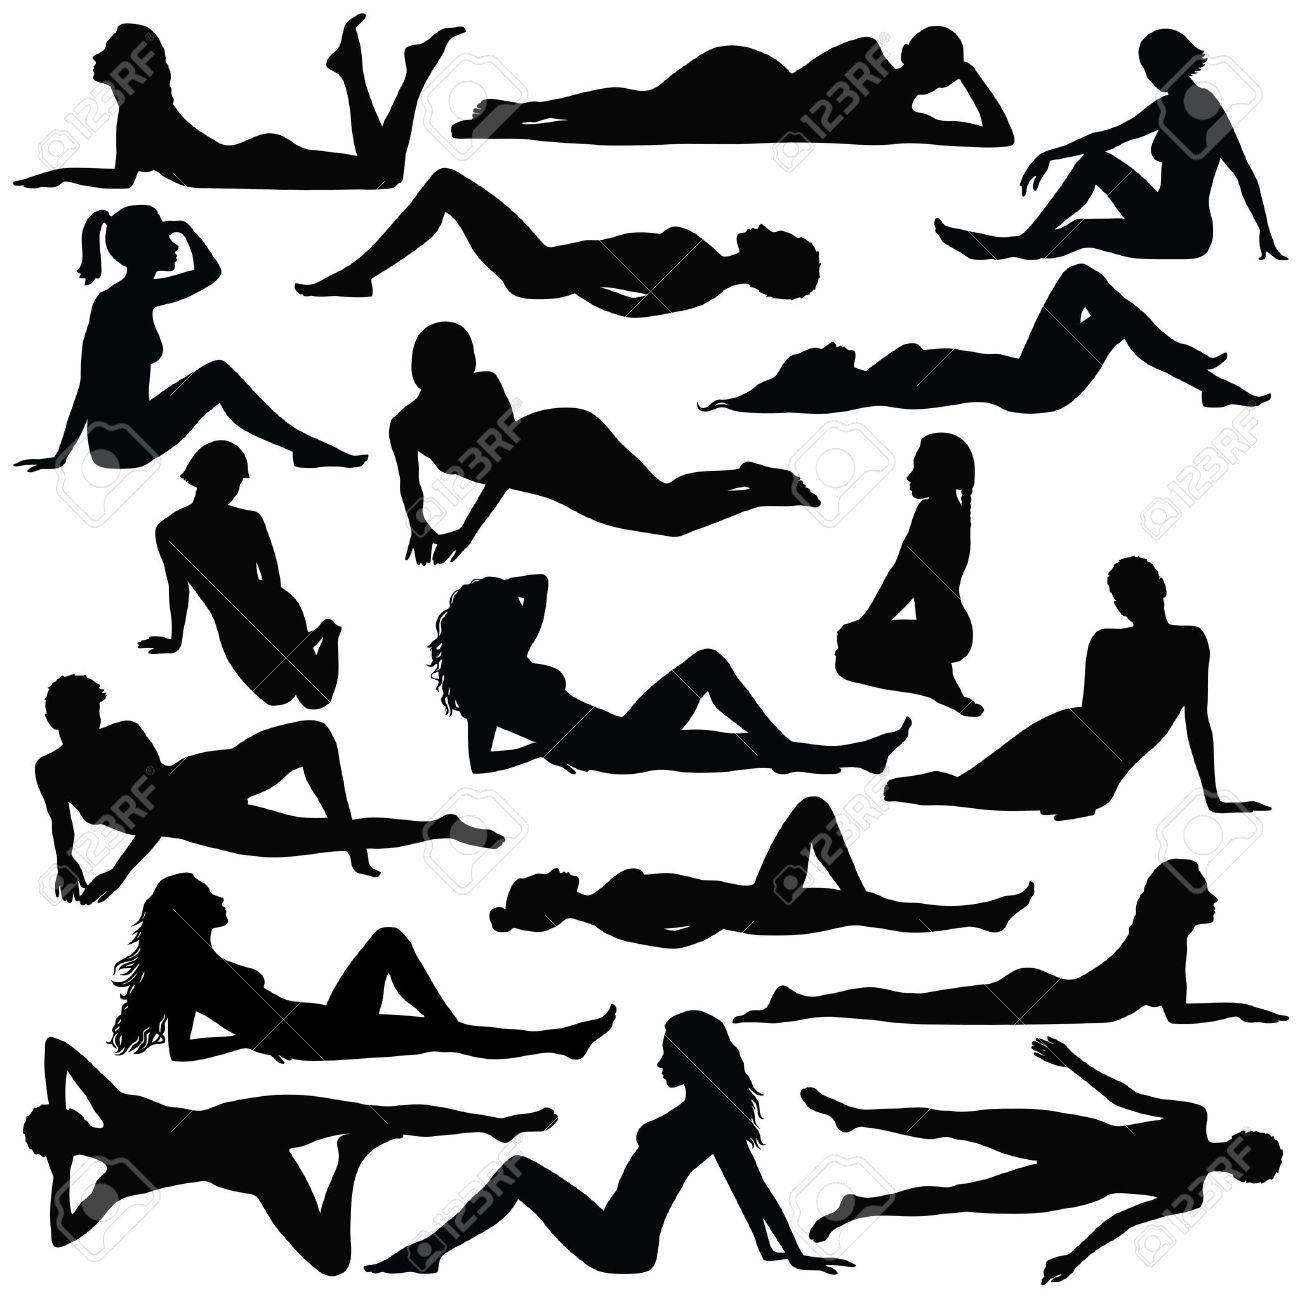 Black silhouette of beautiful woman in bikini sitting and laying. - 62635017